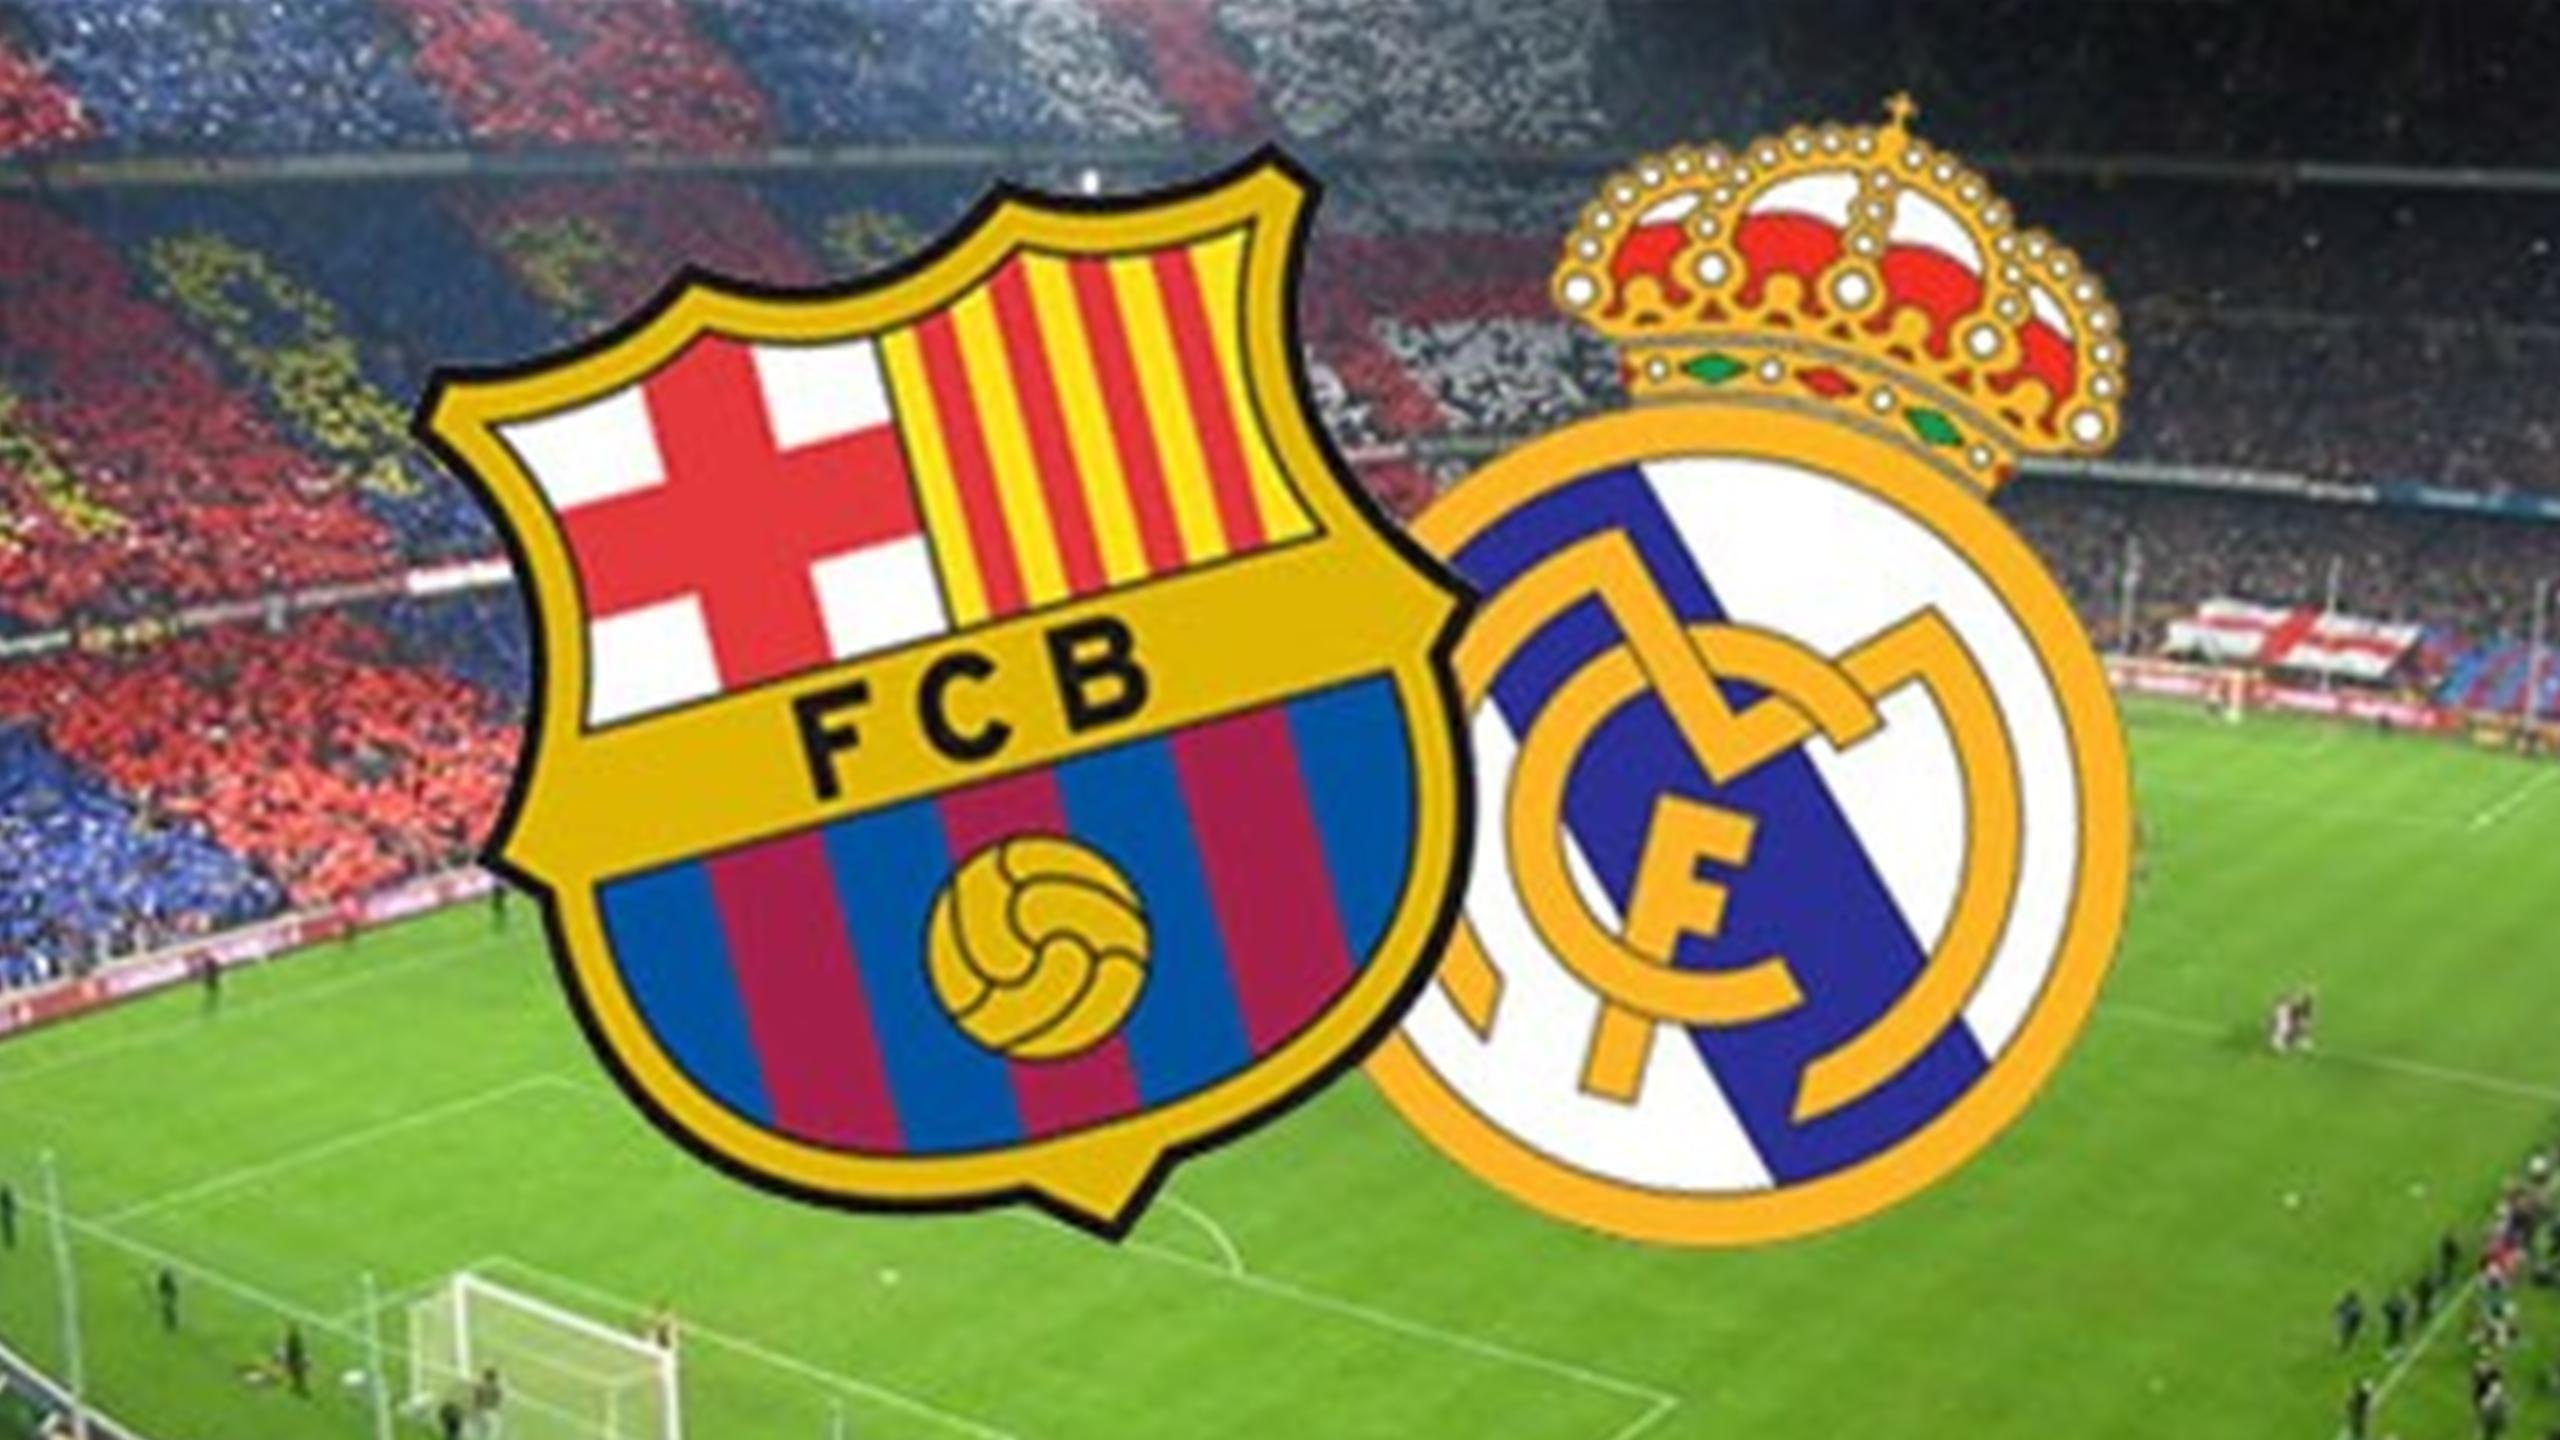 برشلونة يستضيف ريال مدريد في محاولة لمواصلة التفوق في كأس إسبانيا لكرة القدم